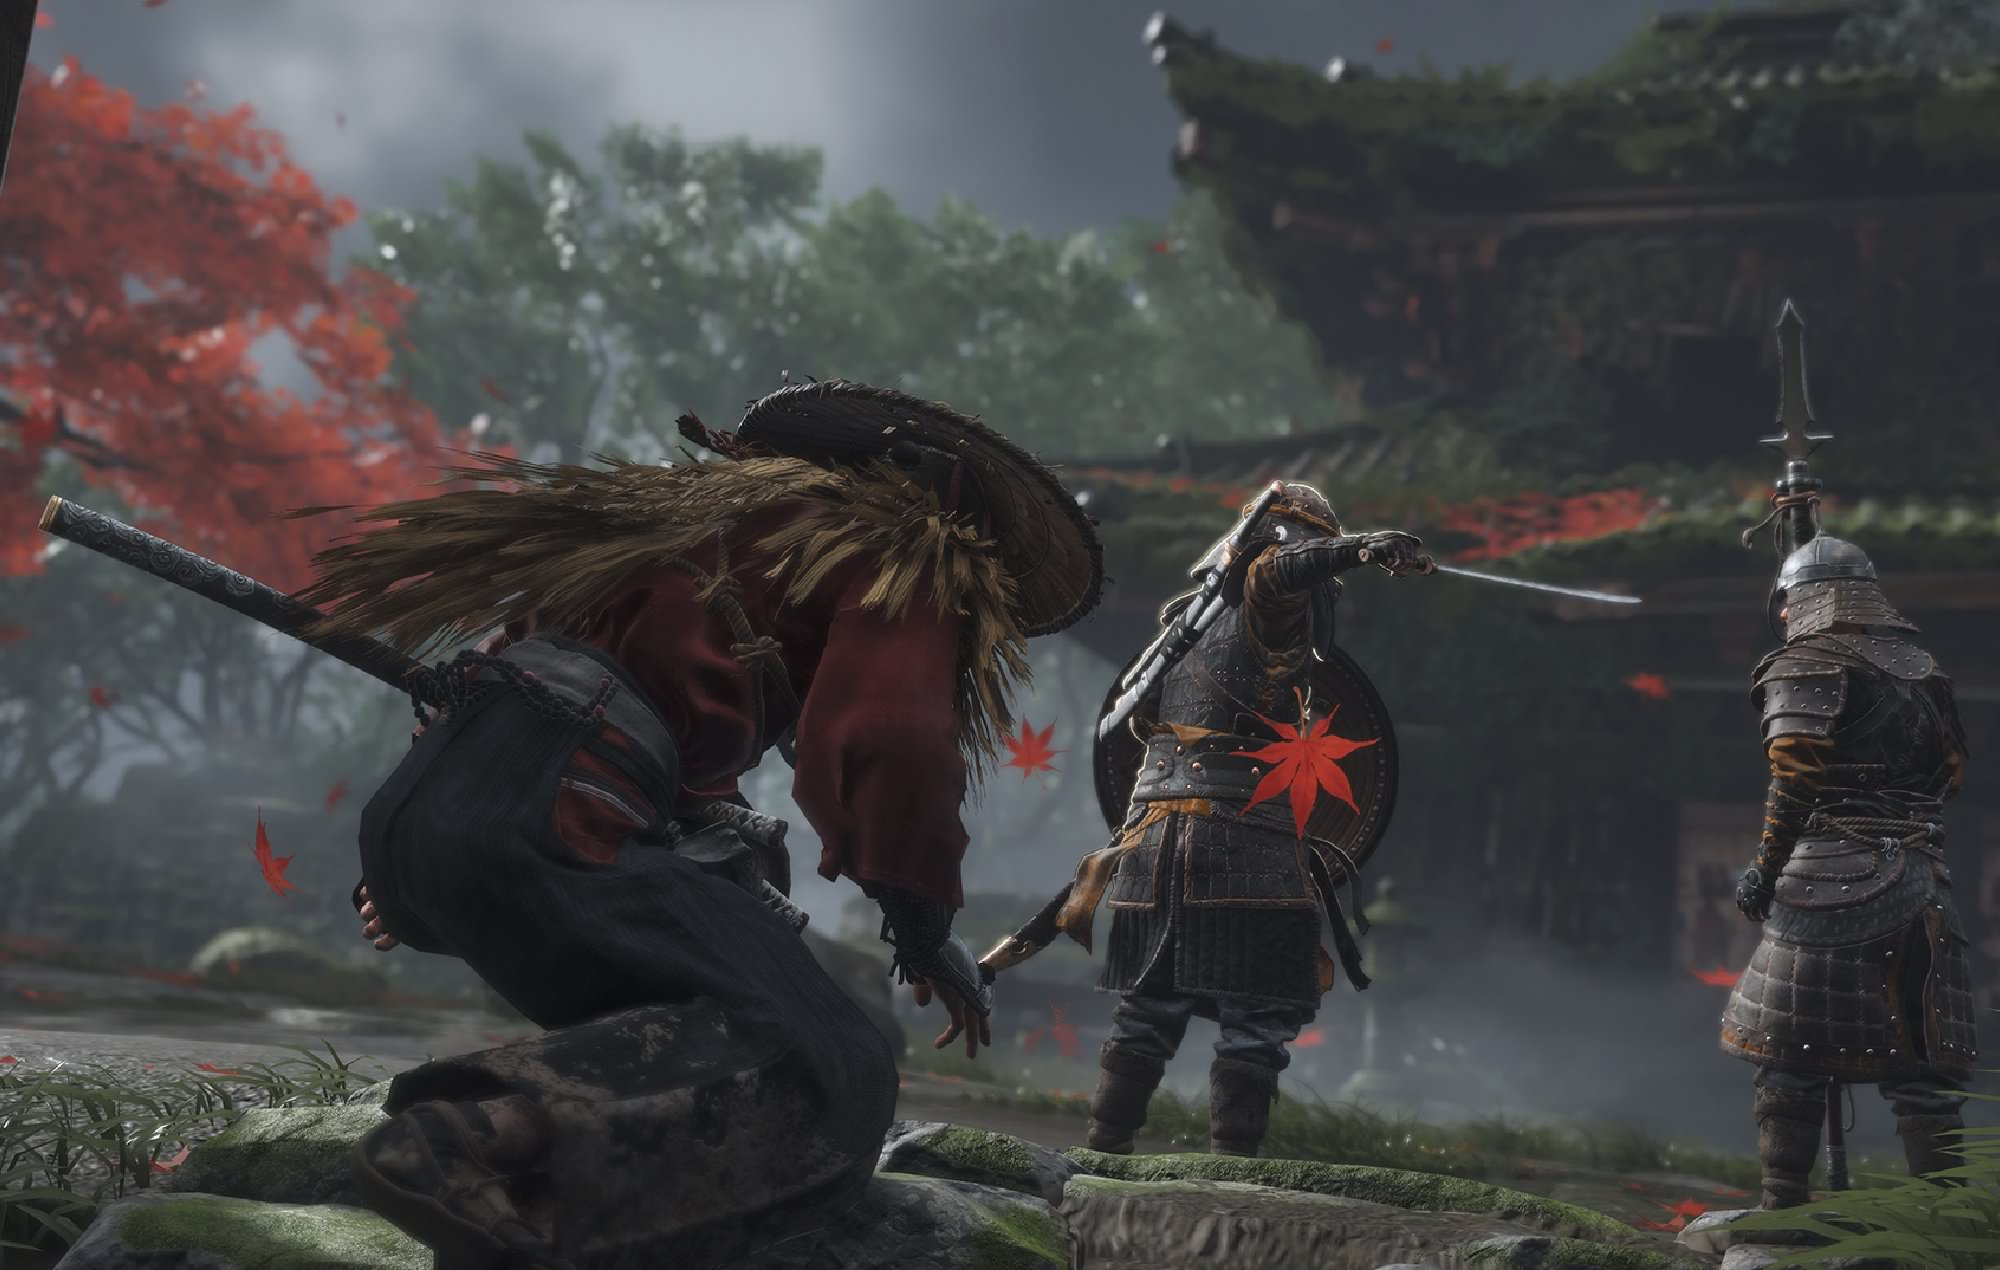 A Famitsu perguntou a um grupo de desenvolvedores qual era o melhor jogo de 2020, e eles escolheram Ghost of Tsushima